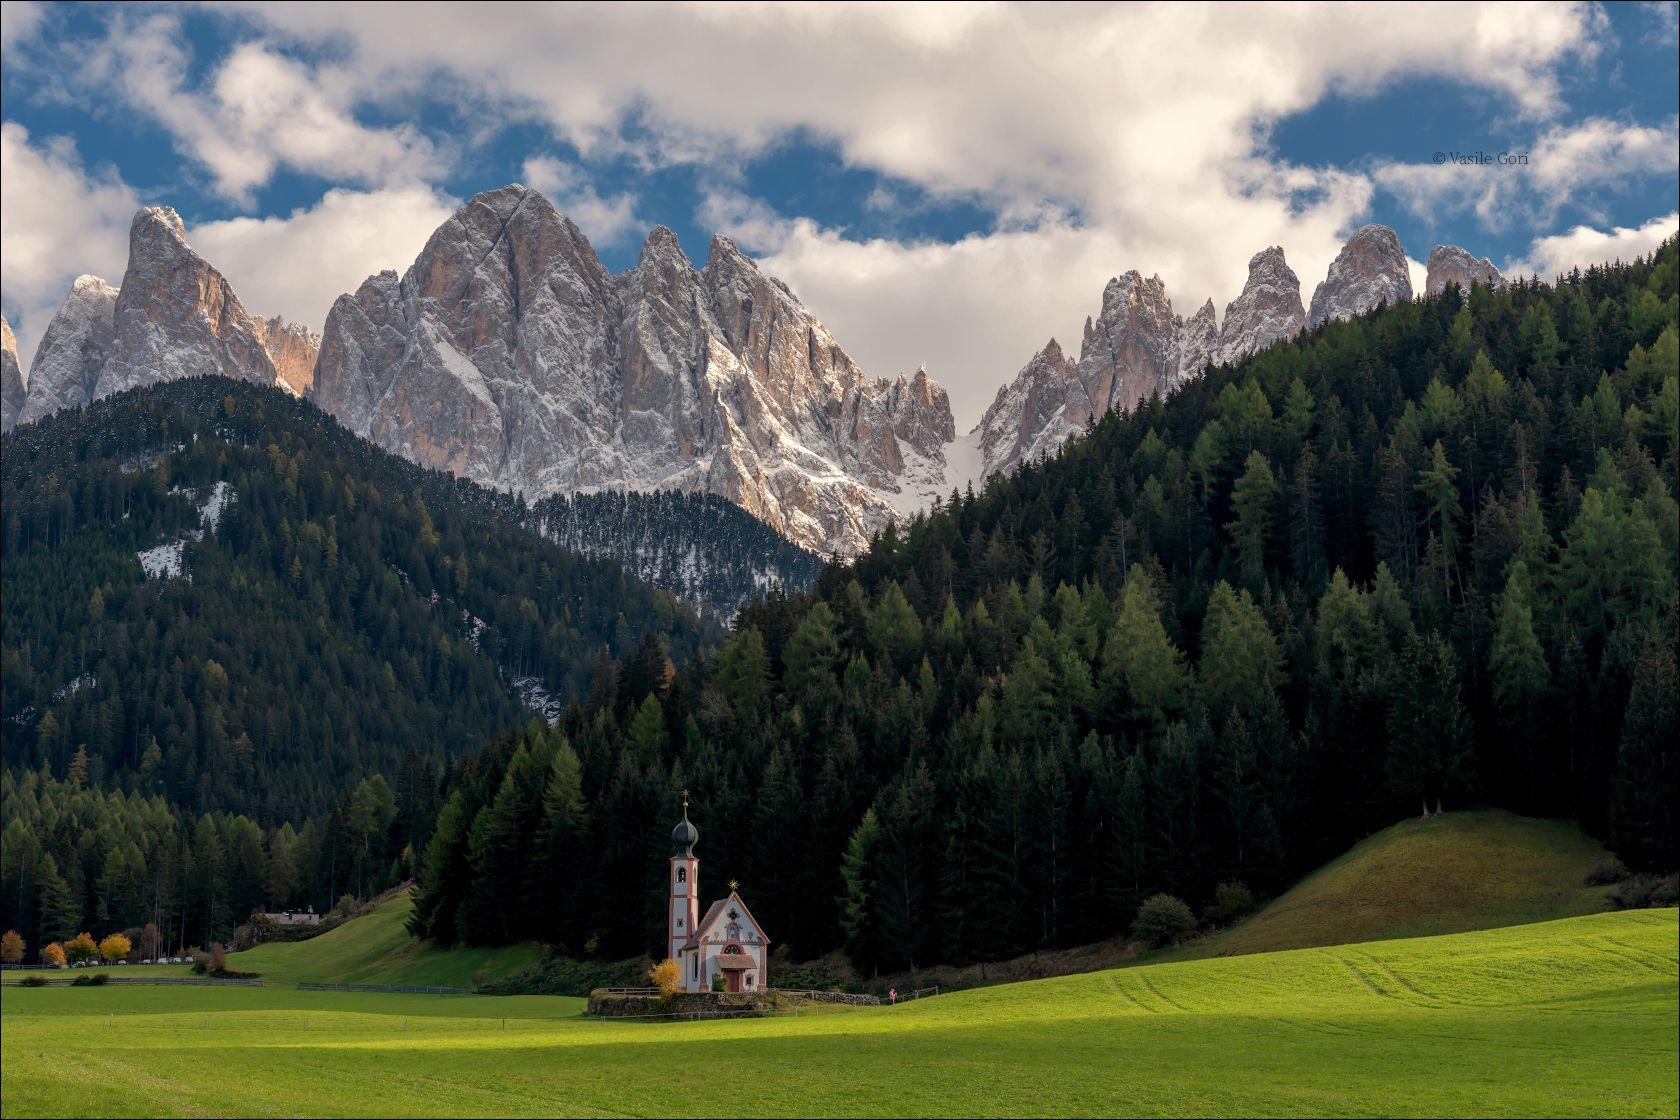 Odle доломиты альпы италия alps Santa Maddalena деревня italy осень dolomites свет